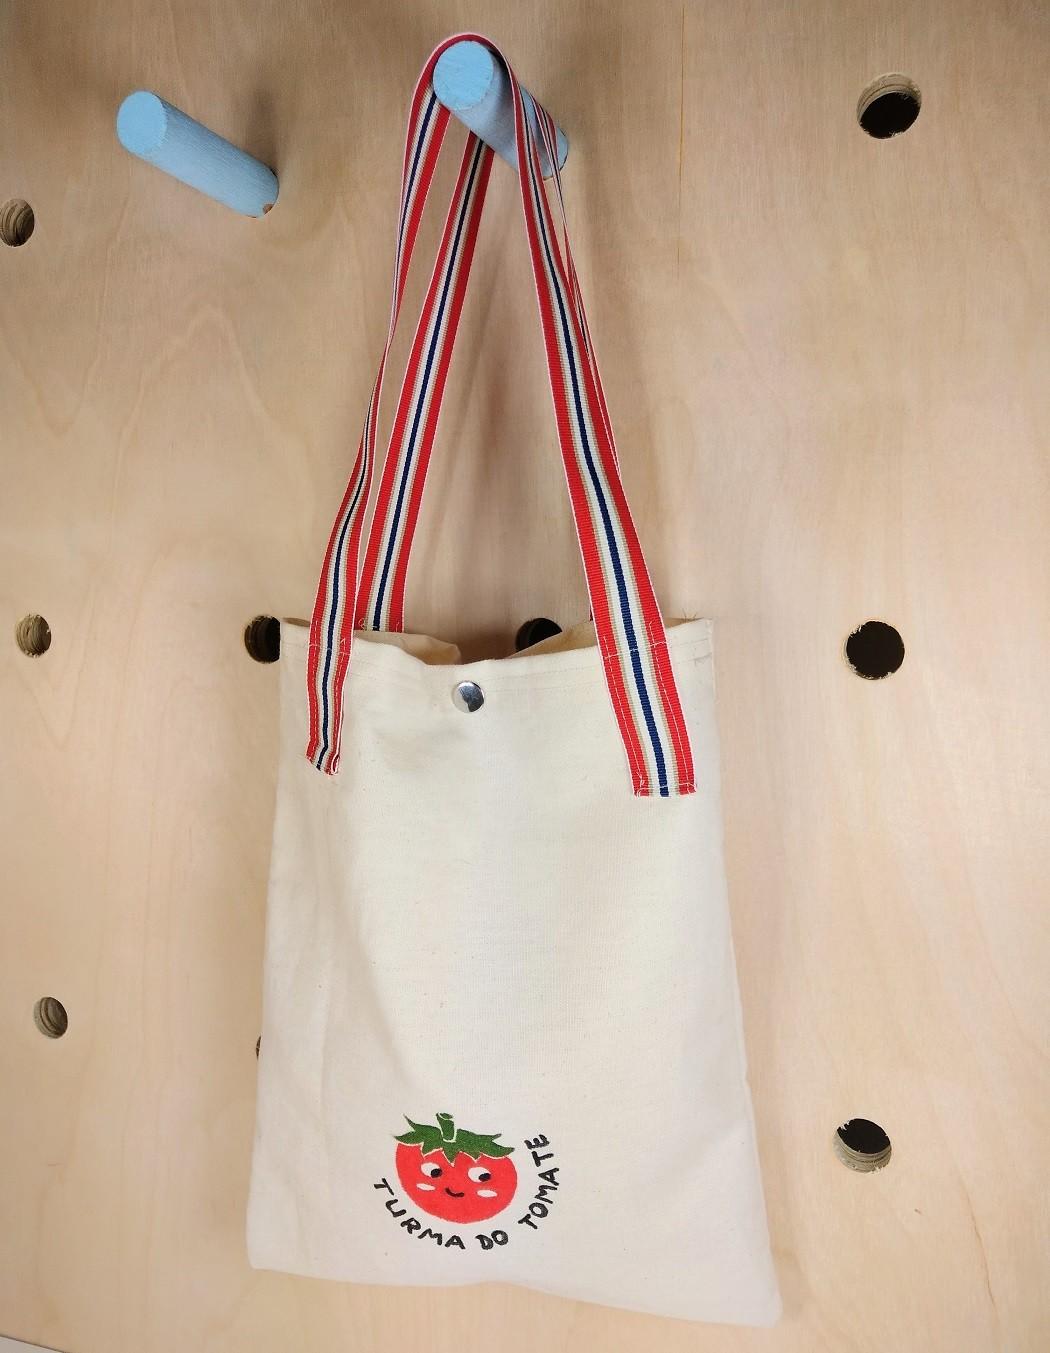 Tote Bag - Saquinho de algodão Turma do Tomate - Cód. Peg-010